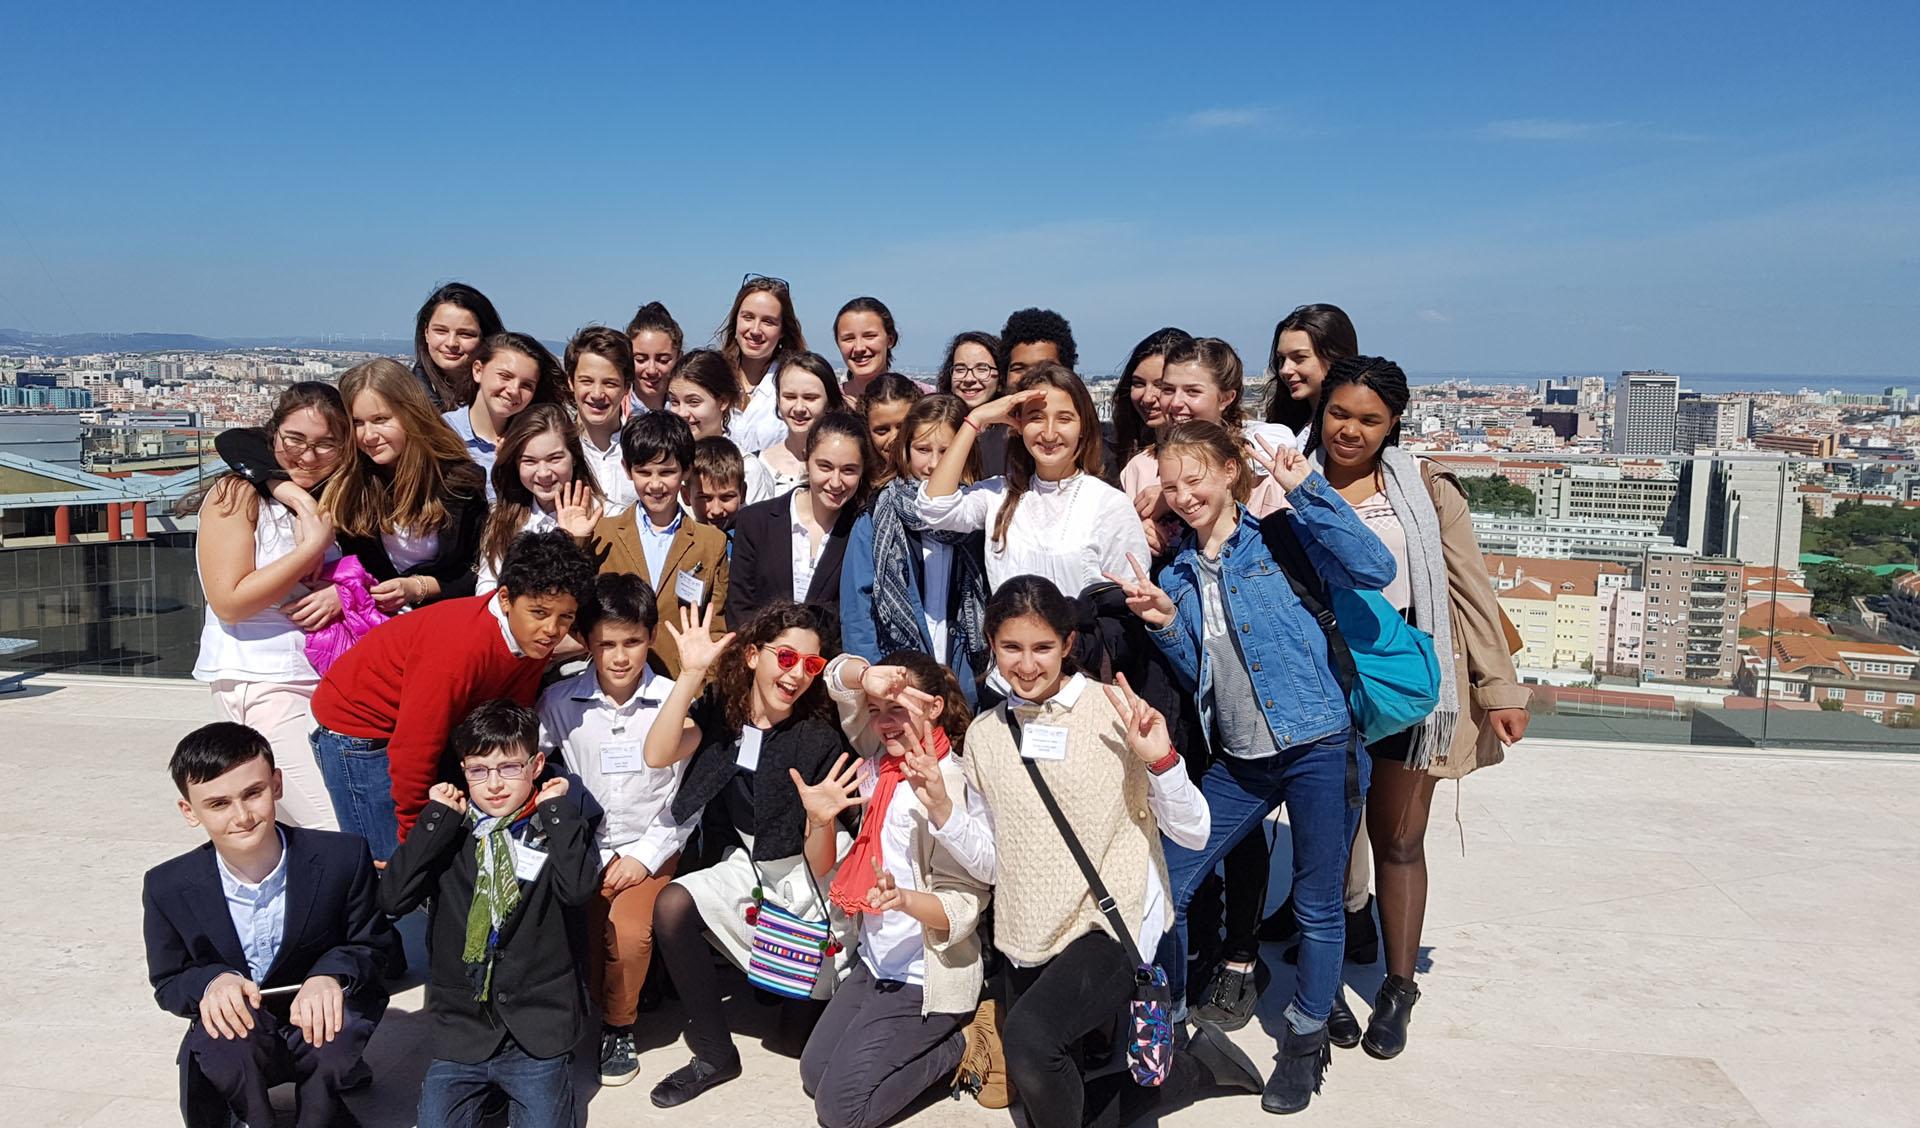 Οι Ambassadeurs en herbe …. Στη Λισαβόνα-0